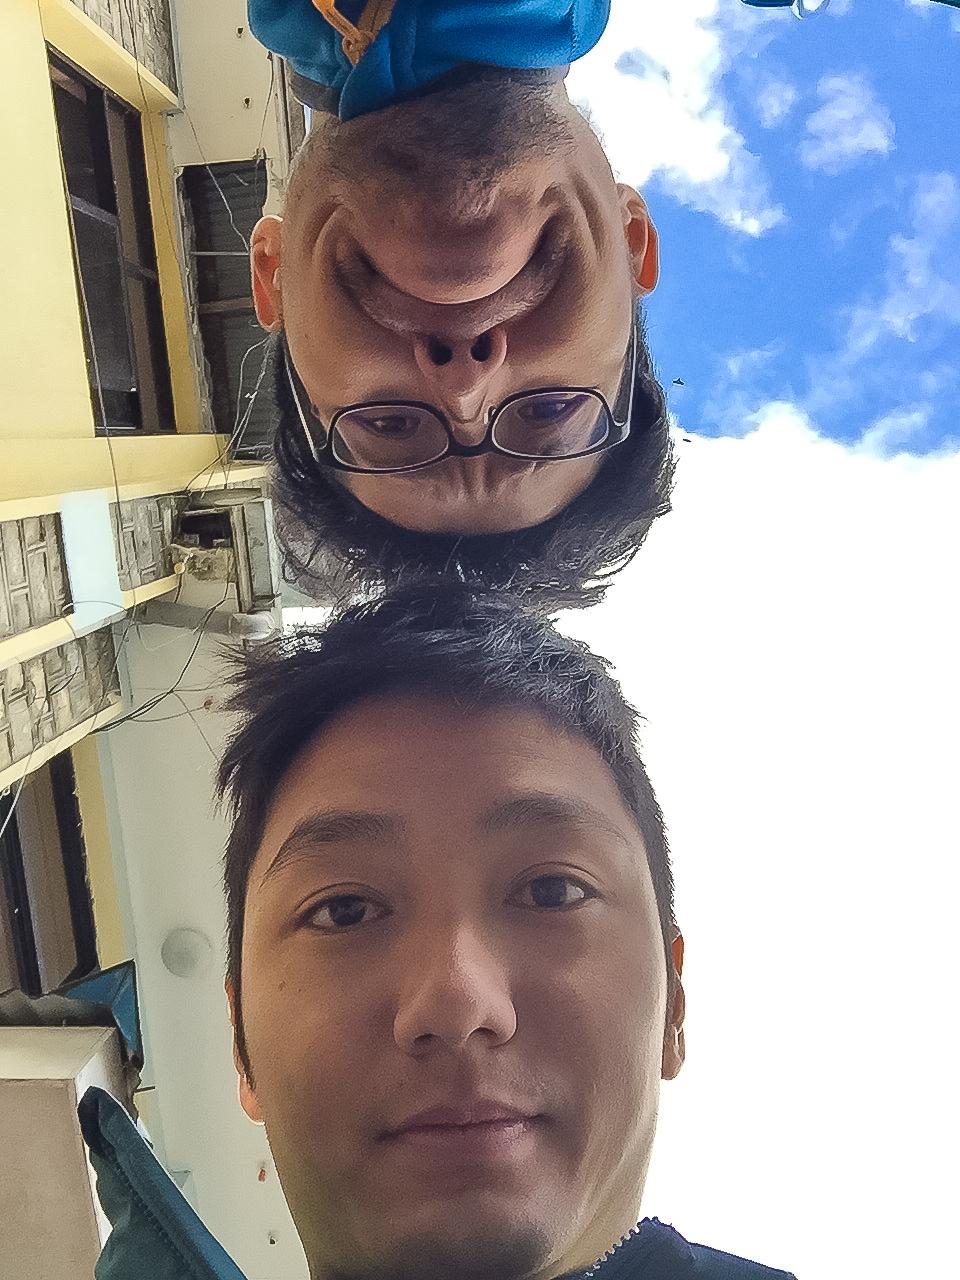 Selfie got Photobombed